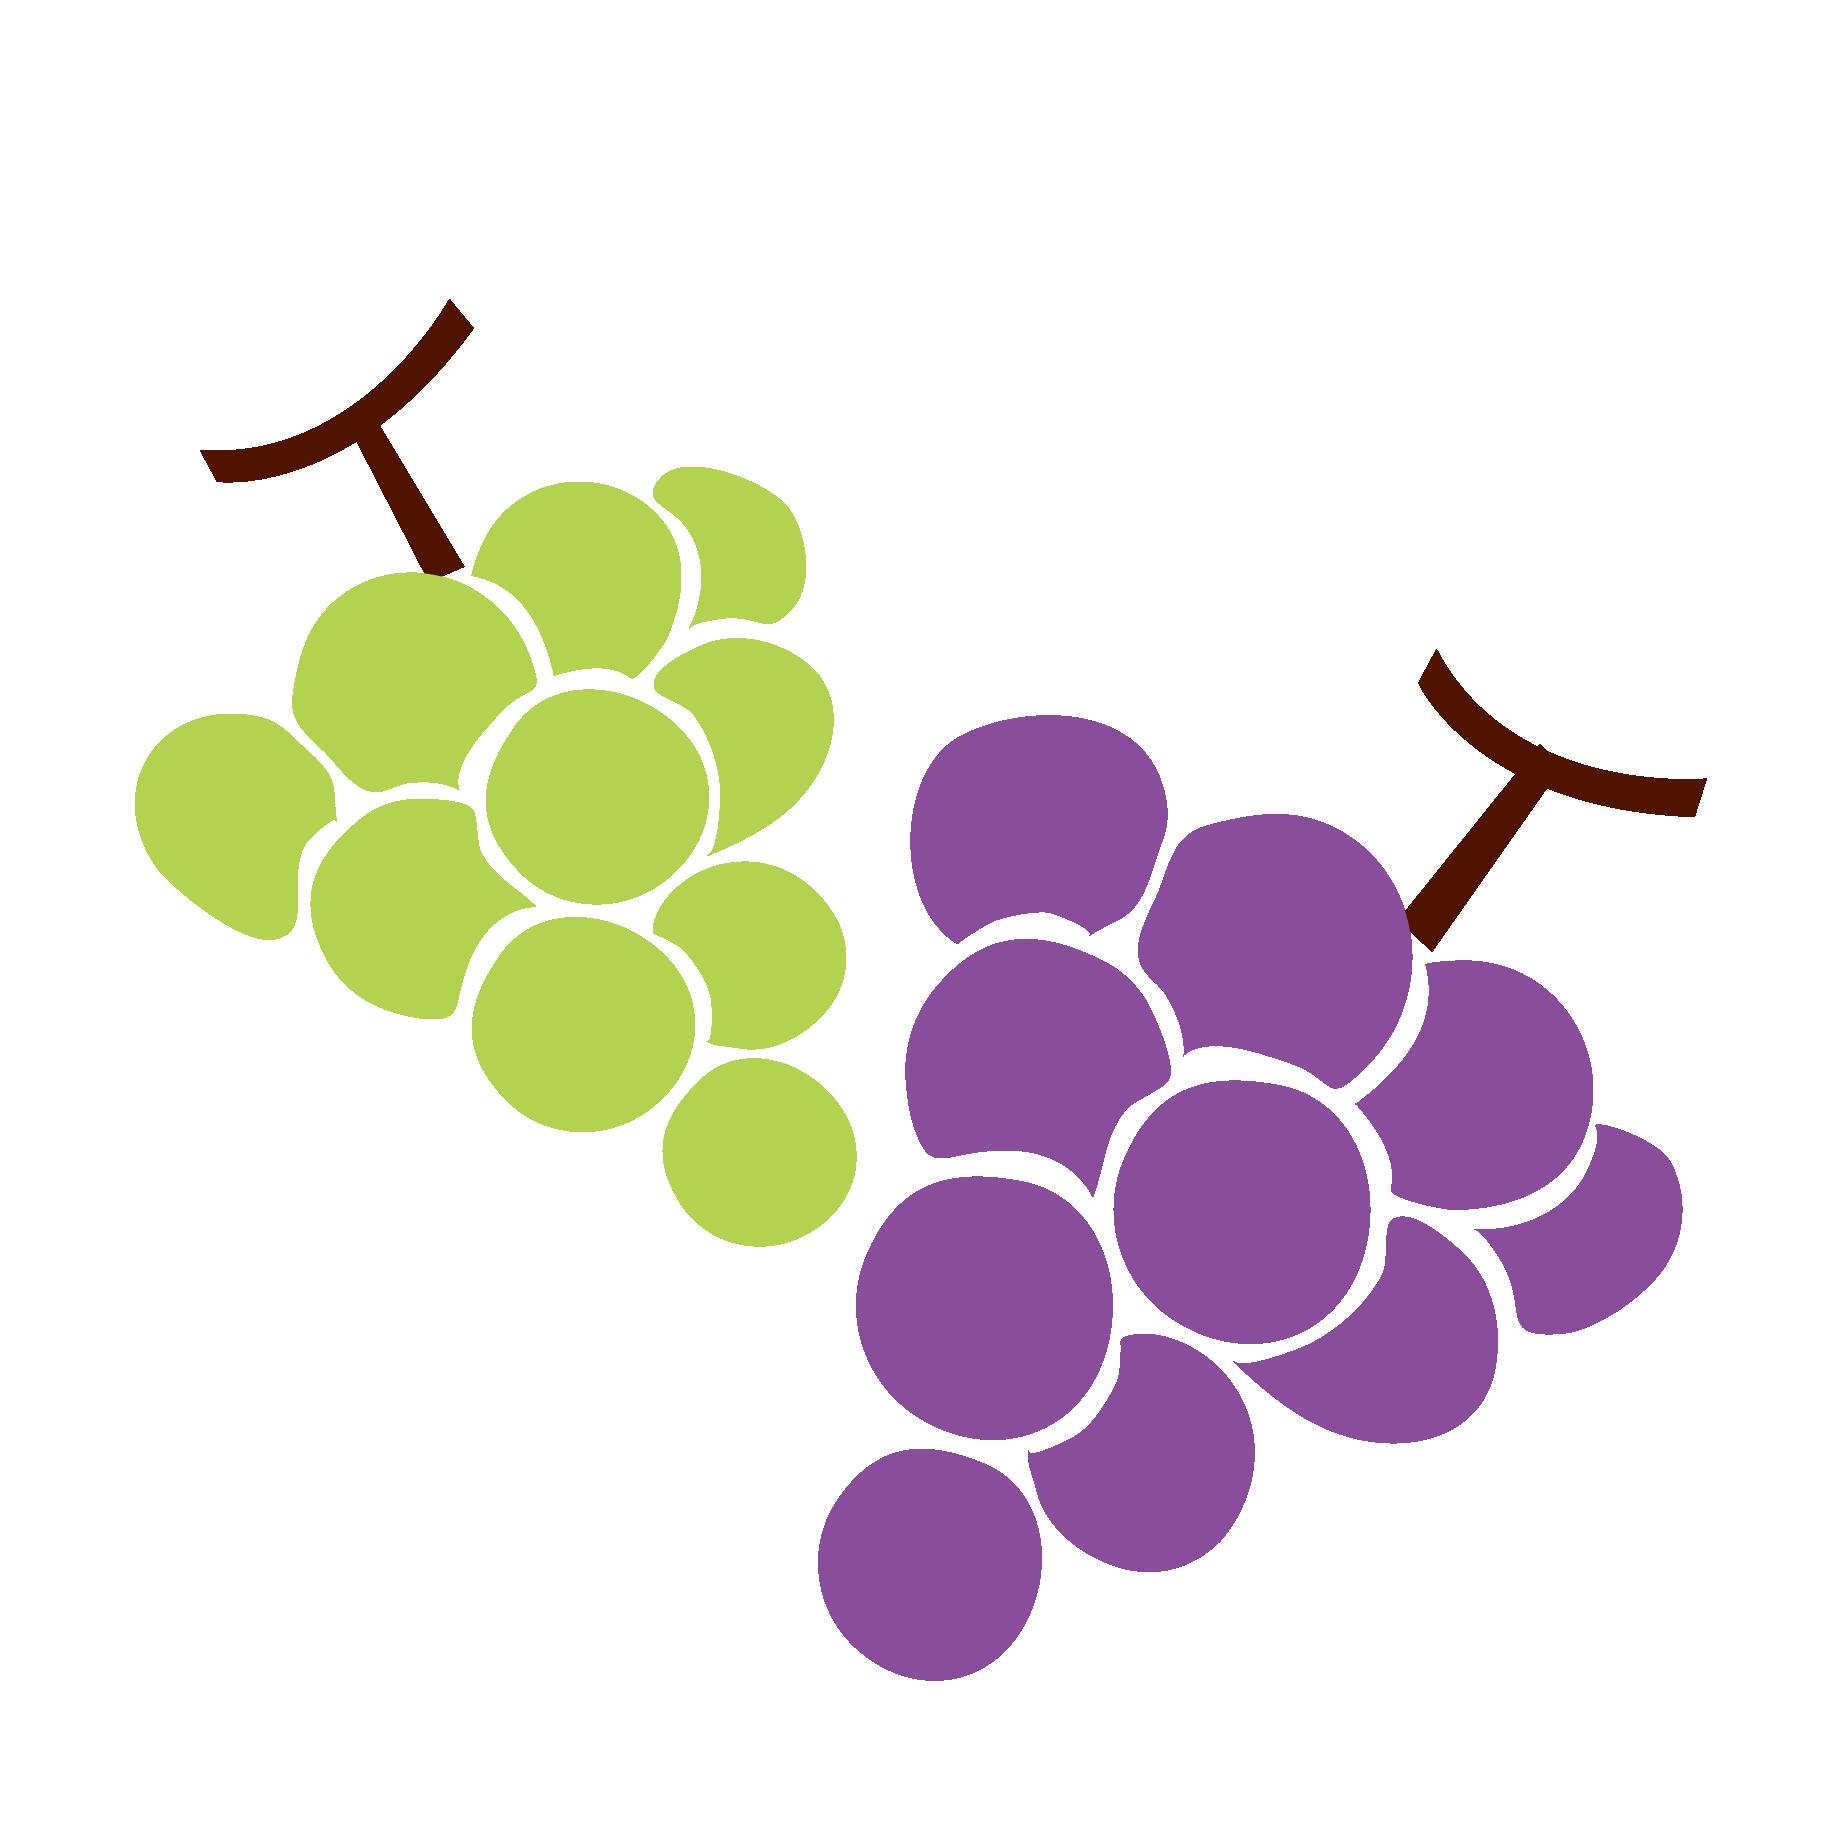 葡萄ブドウぶどうとマスカットのイラストフルーツ果物